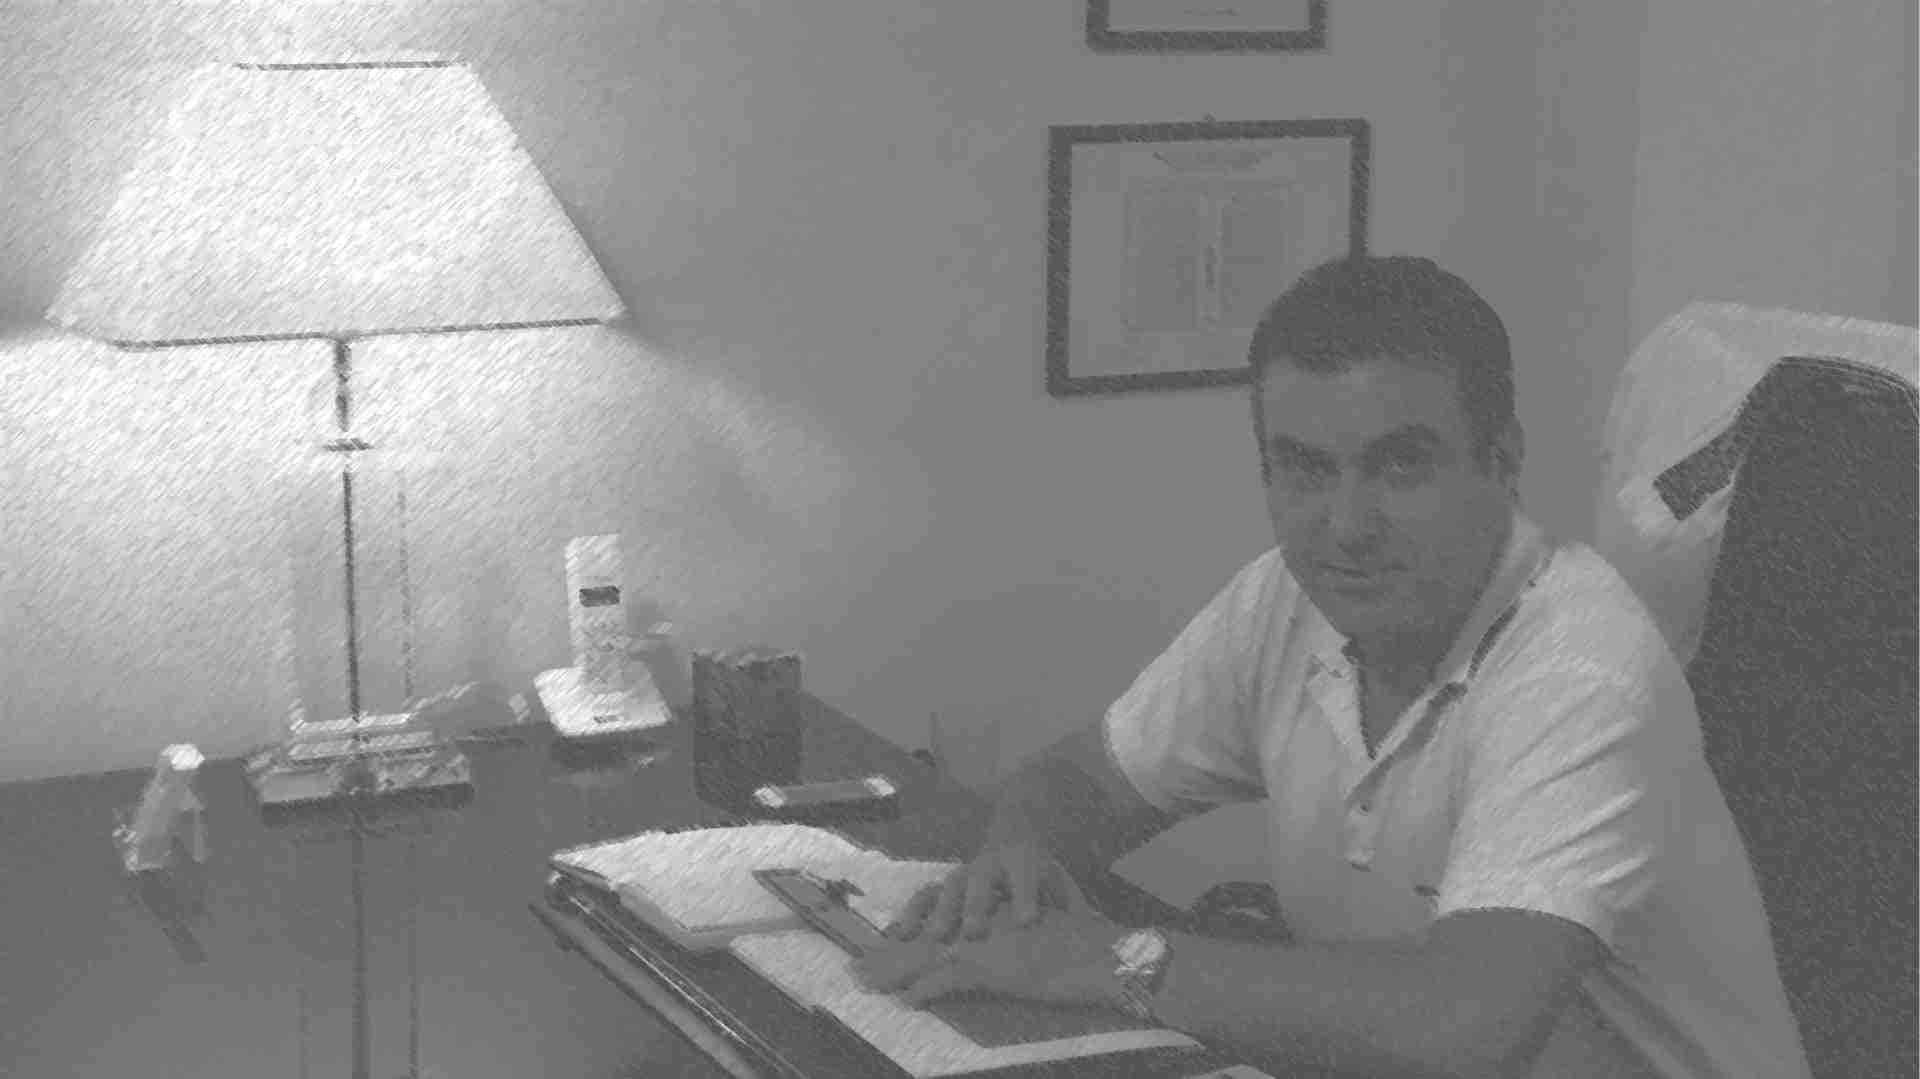 Δρ. Σιδηρόπουλος Νίκος - Ego Ideal | Ψυχίατρος - Θεσσαλονίκη